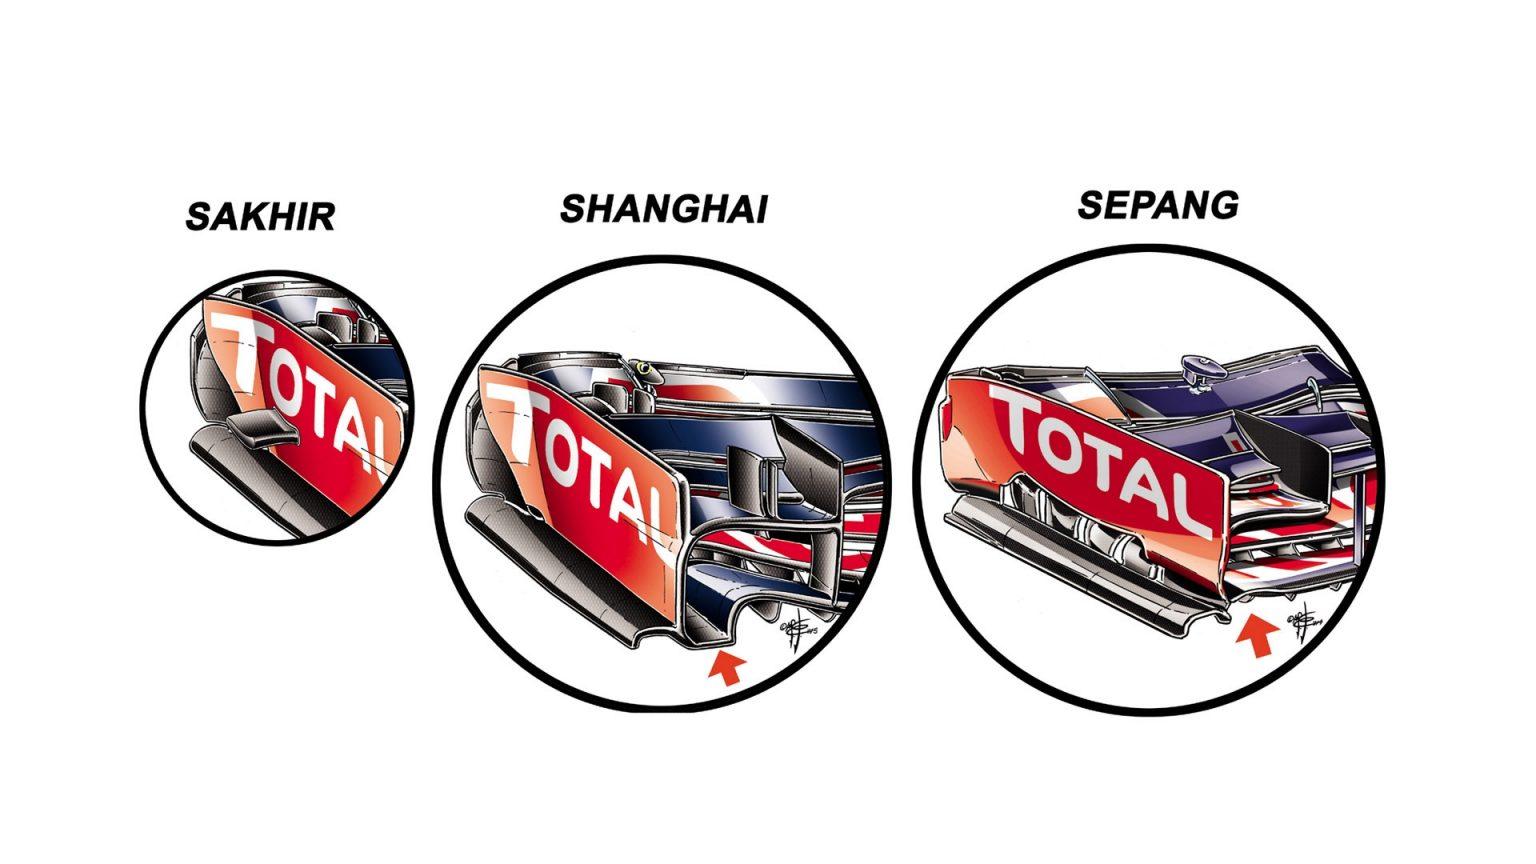 Nuevo alerón delantero del Red Bull RB11